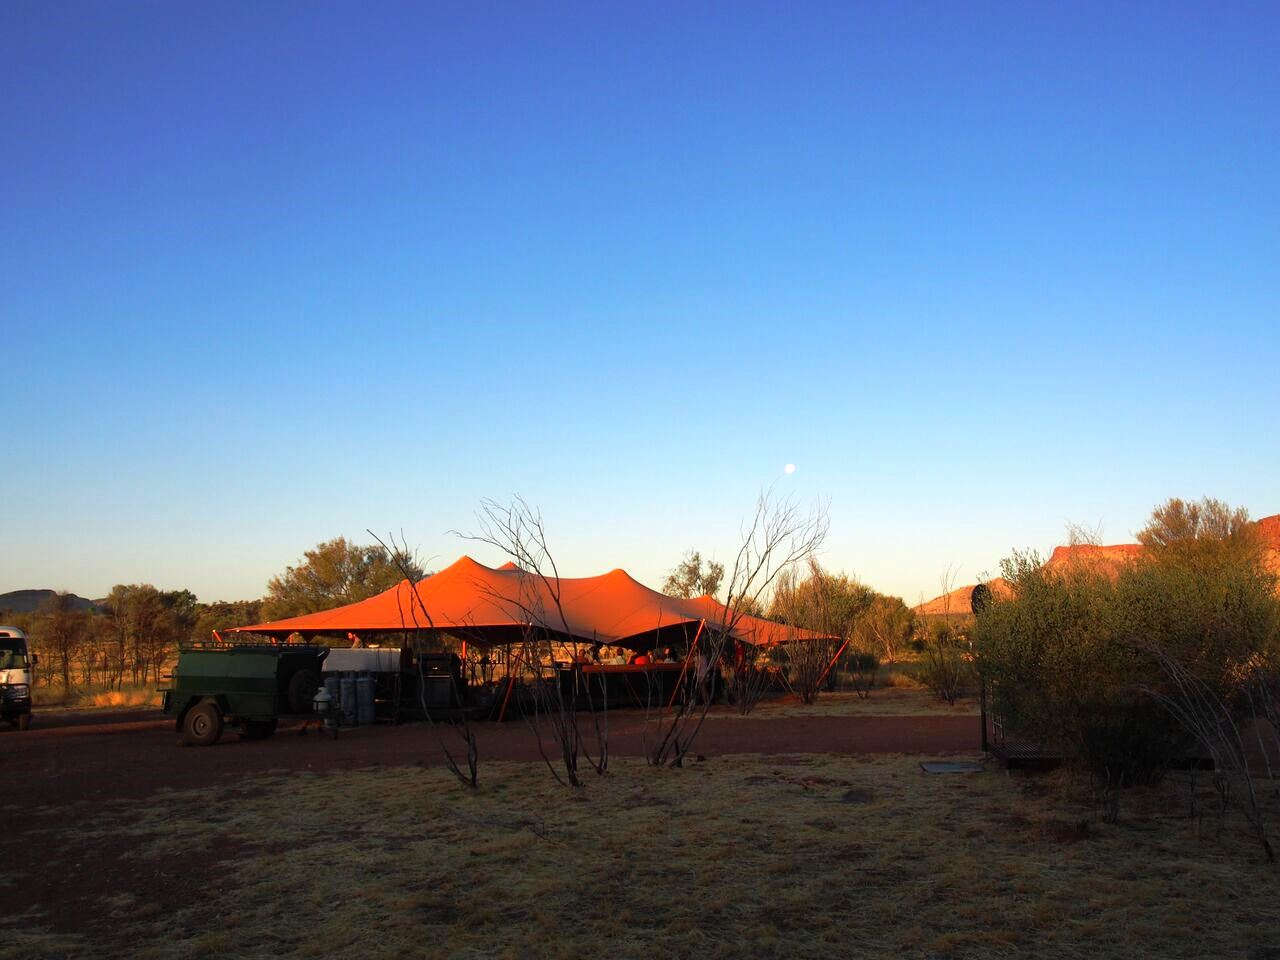 シーズン中設営される快適なキャンプサイト